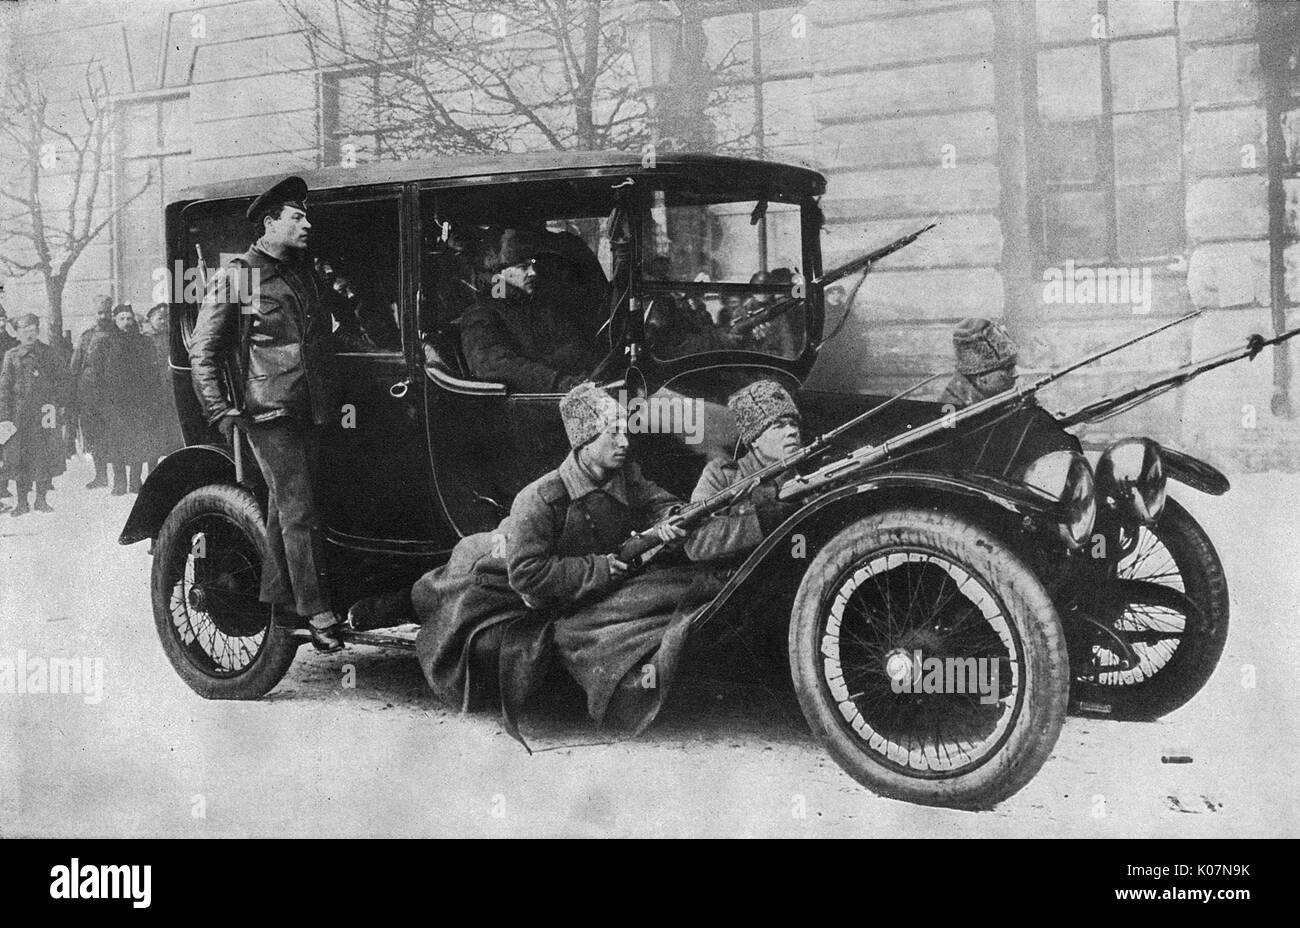 Duma boten durch bewaffnete Wachen geschützt, Petrograd (St. Petersburg), die während der Russischen Revolution. Die Autos wurden mit großer Geschwindigkeit durch die Stadt zu reisen. Datum: 1917 Stockbild